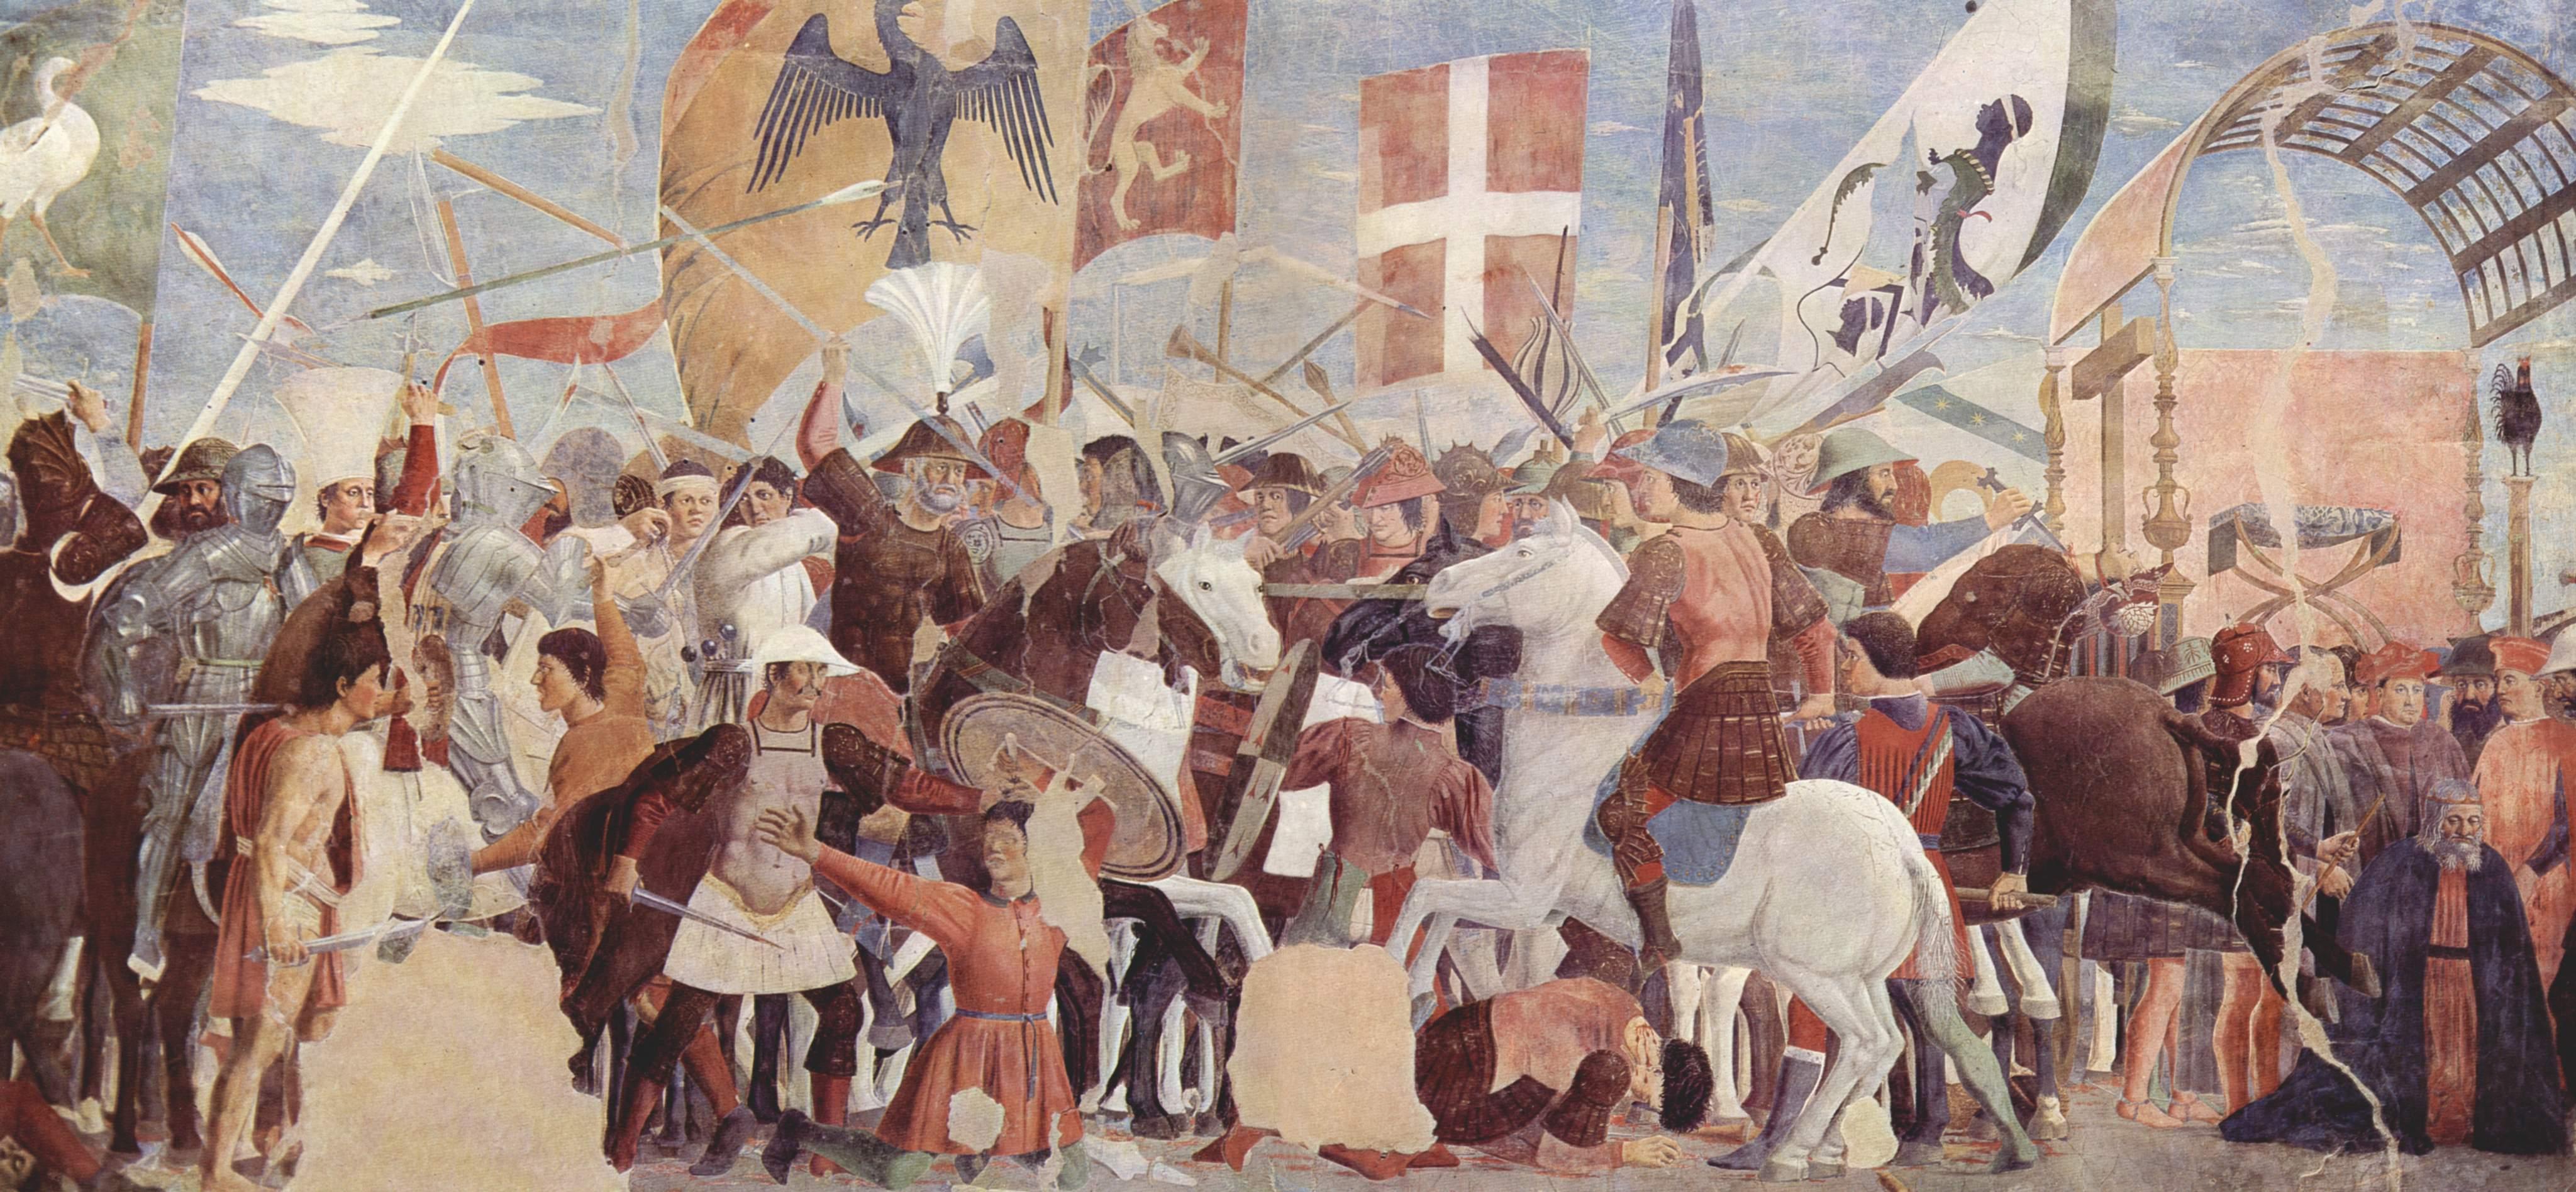 Bataille de Ninive (627) par Piero della Francesca